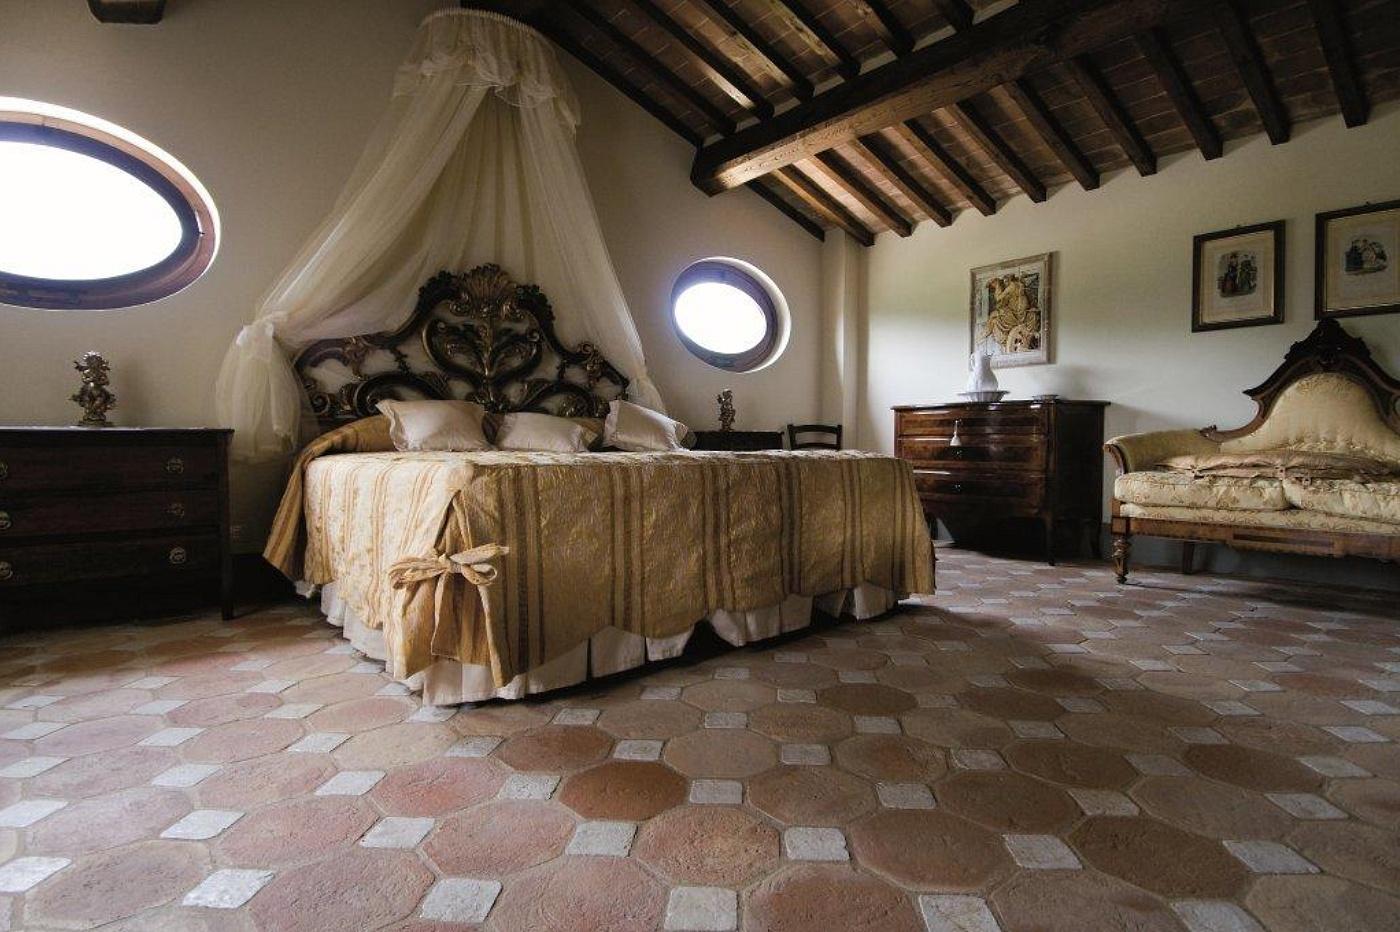 Cotto etrusco by materia srl ottagono con tozzetto in legno o